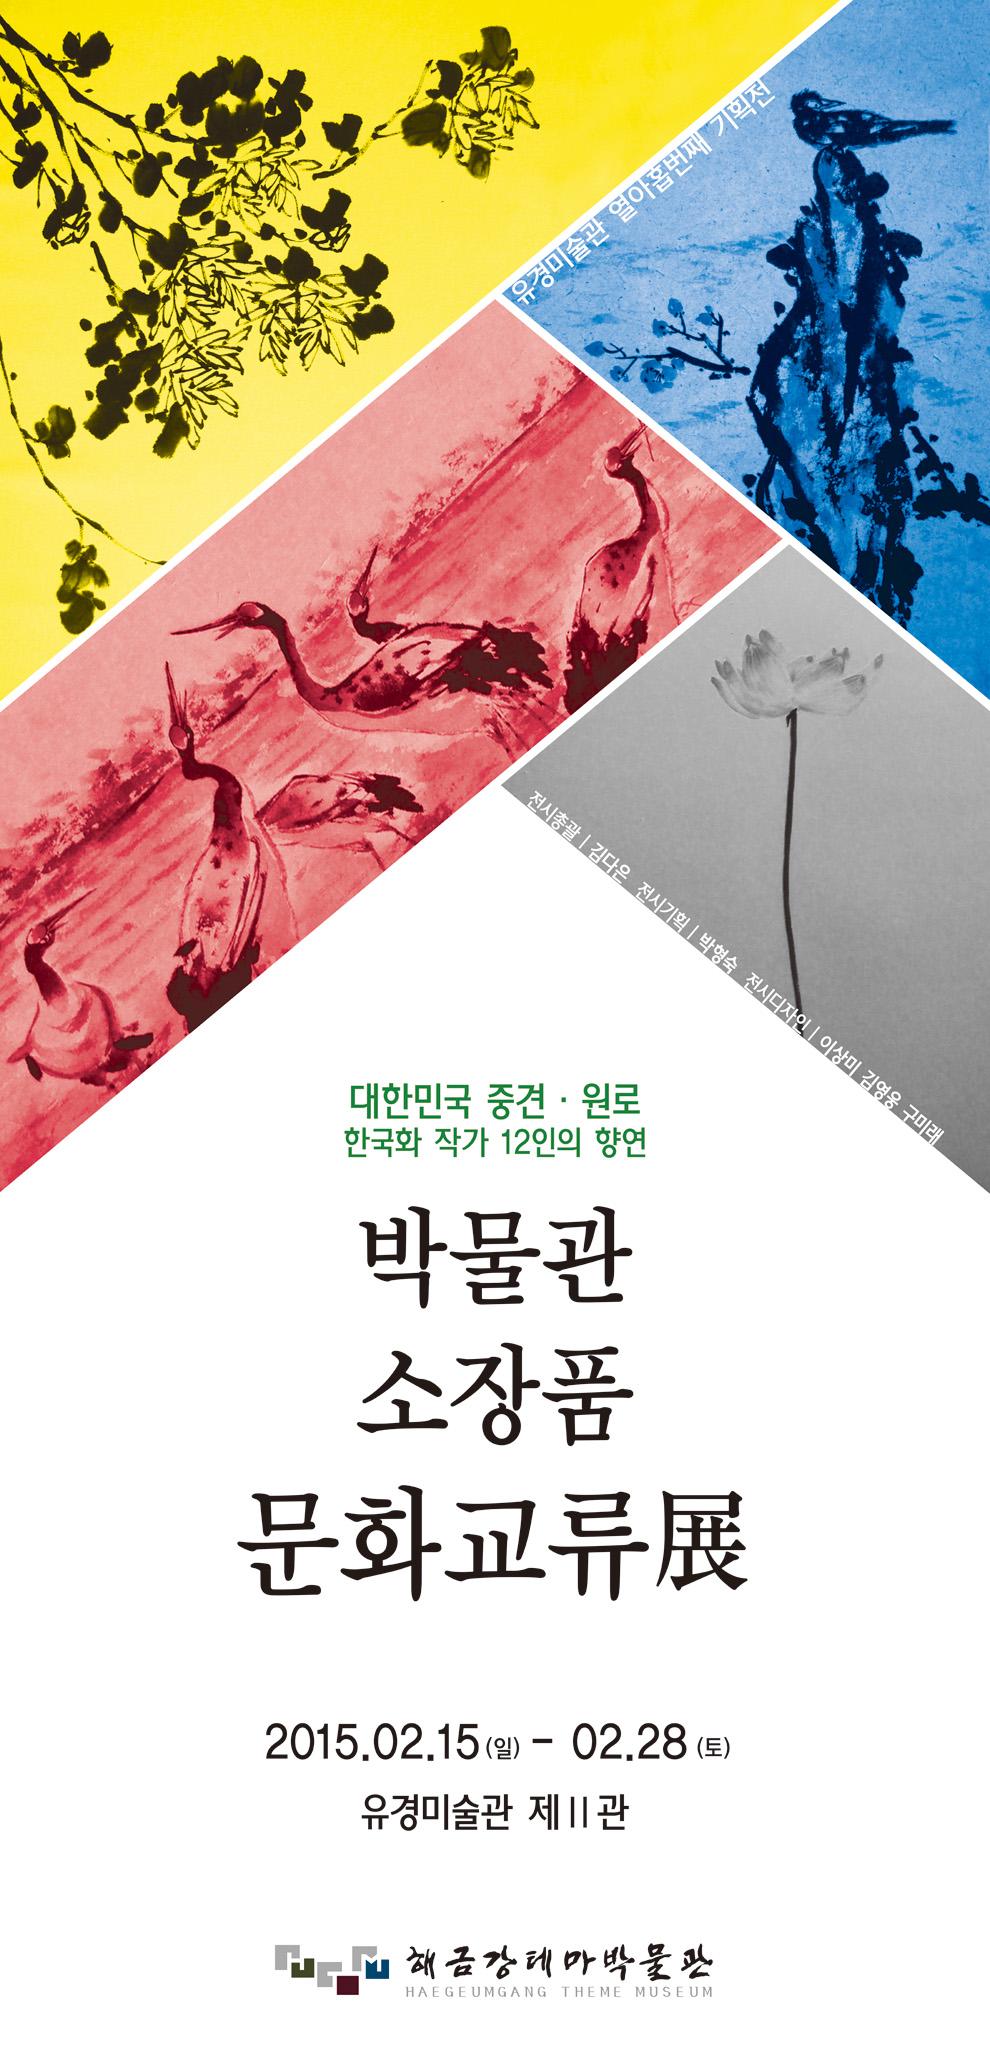 박물관 소장품 문화교류展